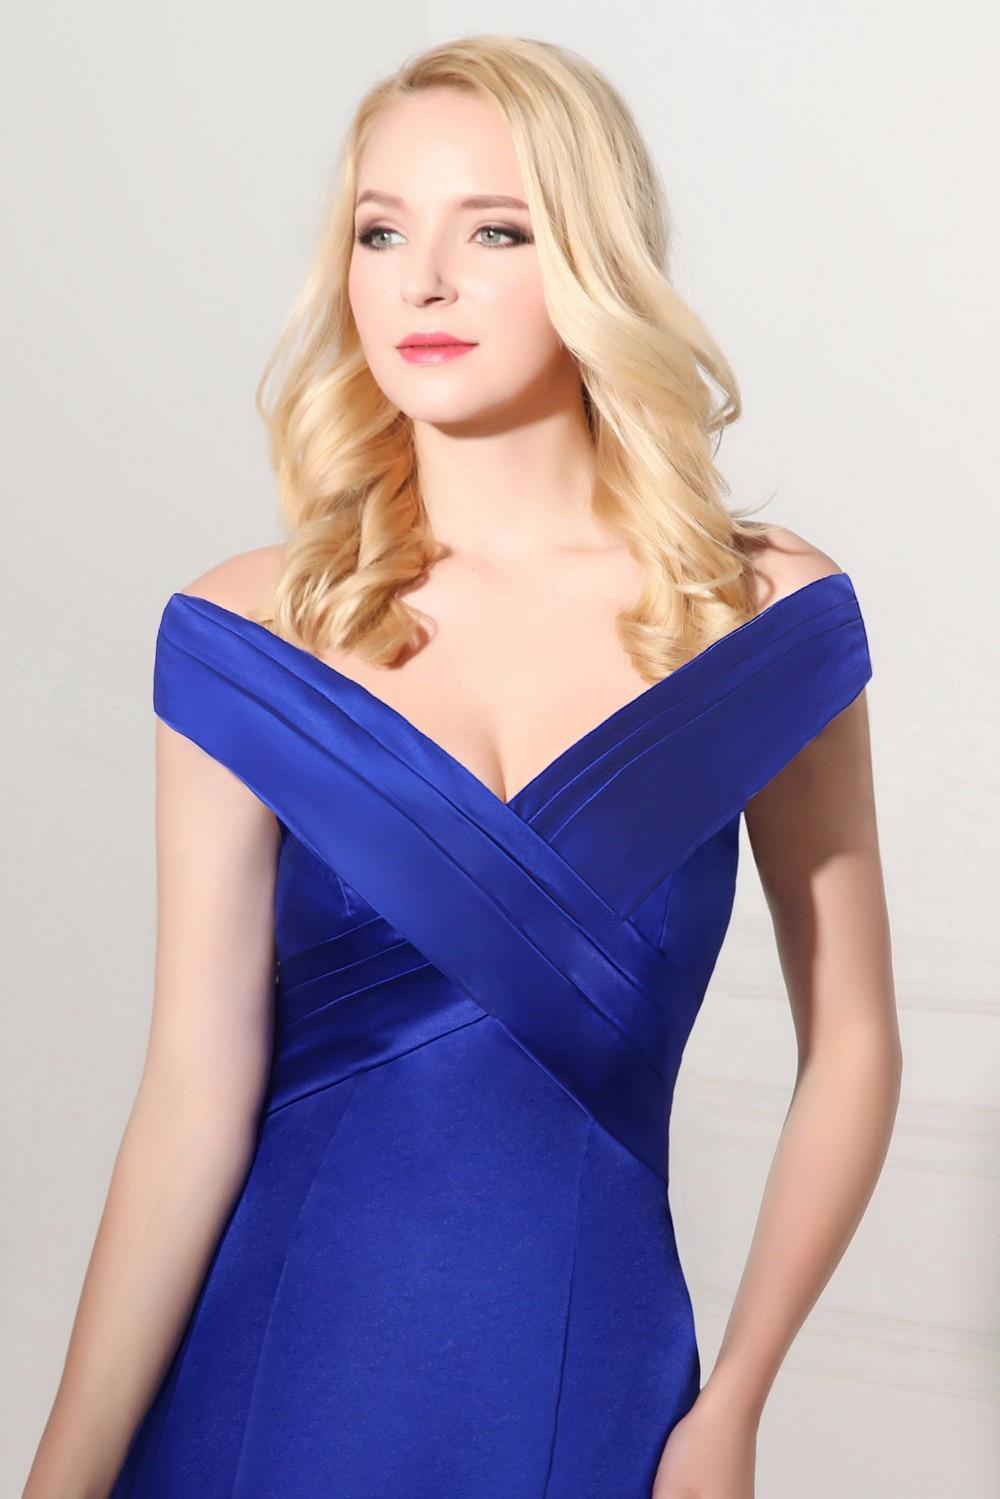 Robe De Soiree Hot Sälj Abendkleider Avondjurk V-hals Golv Längd - Särskilda tillfällen klänningar - Foto 4